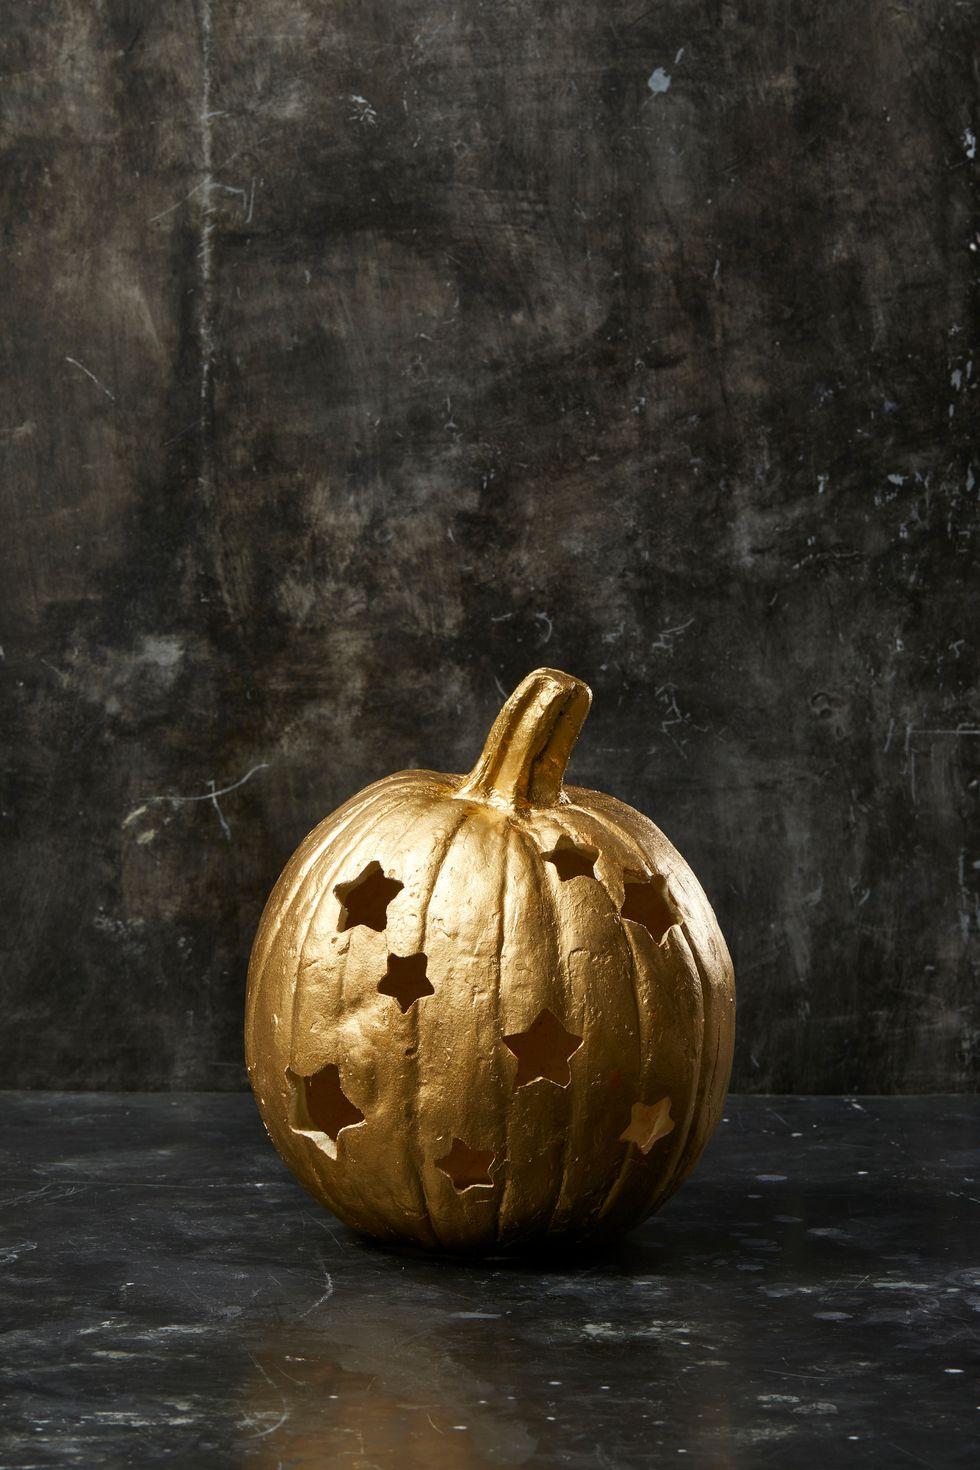 Aranycsillagos halloweeni sütőtök